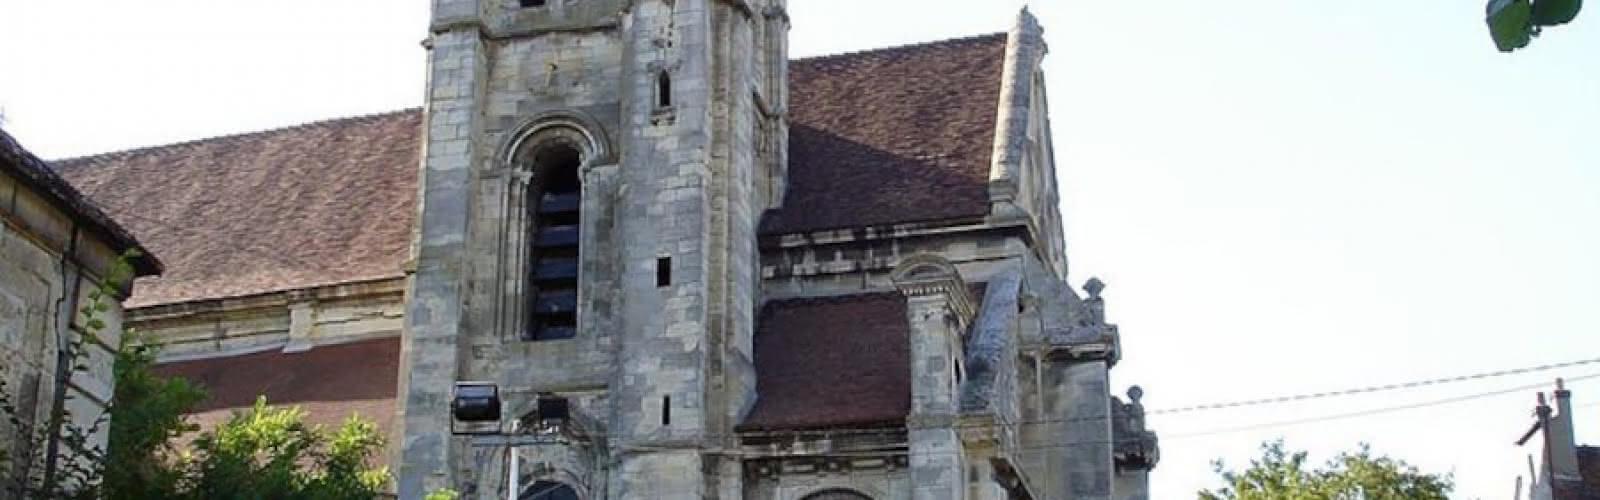 Eglise du Vieux Goussainville